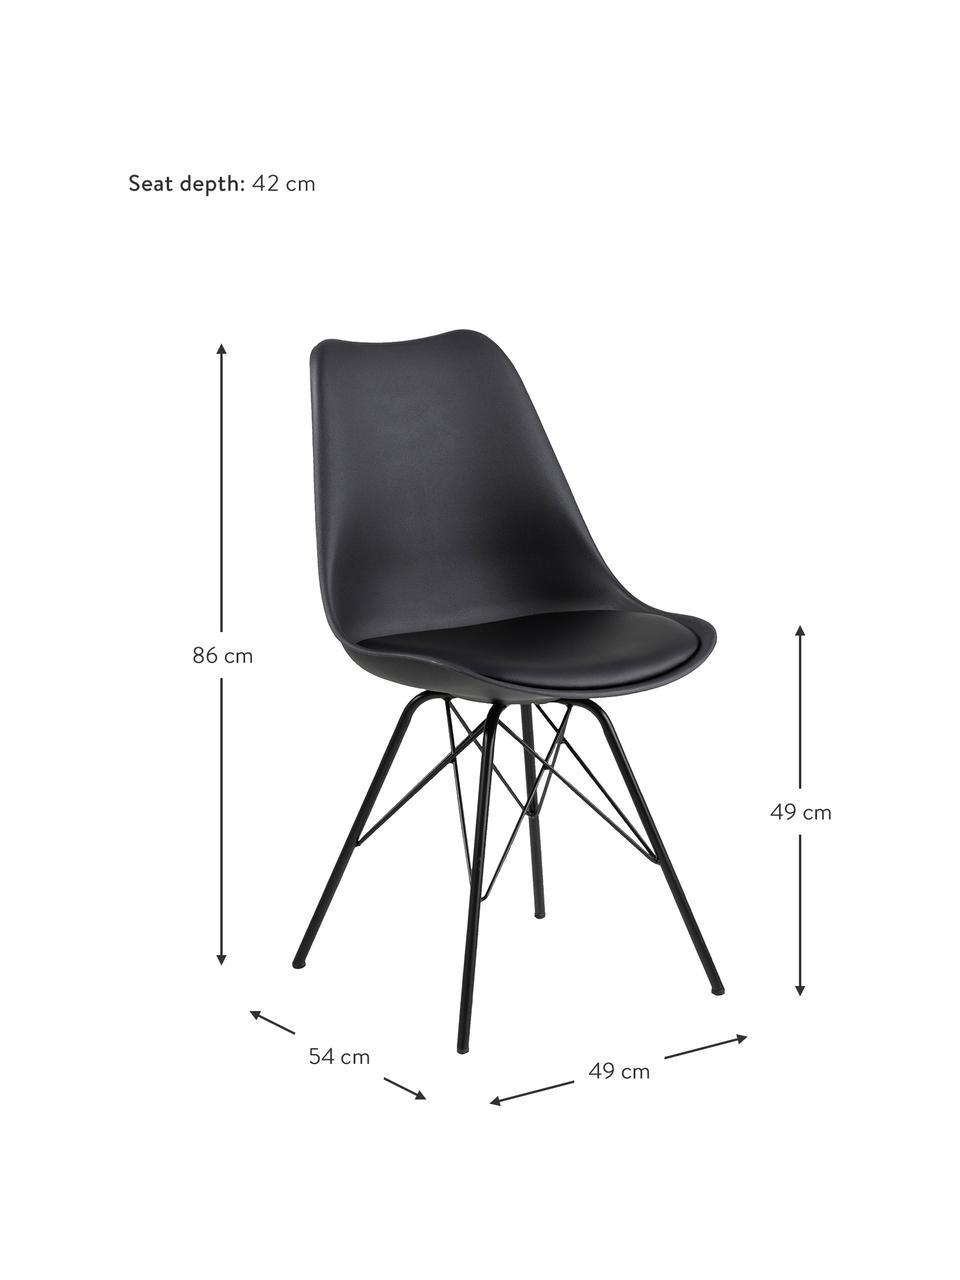 Esszimmerstühle Eris mit gepolsteter Sitzfläche in Schwarz, 2 Stück, Sitzfläche: Kunstleder (Polyurethan) , Sitzschale: Kunststoff, Beine: Metall, pulverbeschichtet, Schwarz, B 49 x T 54 cm